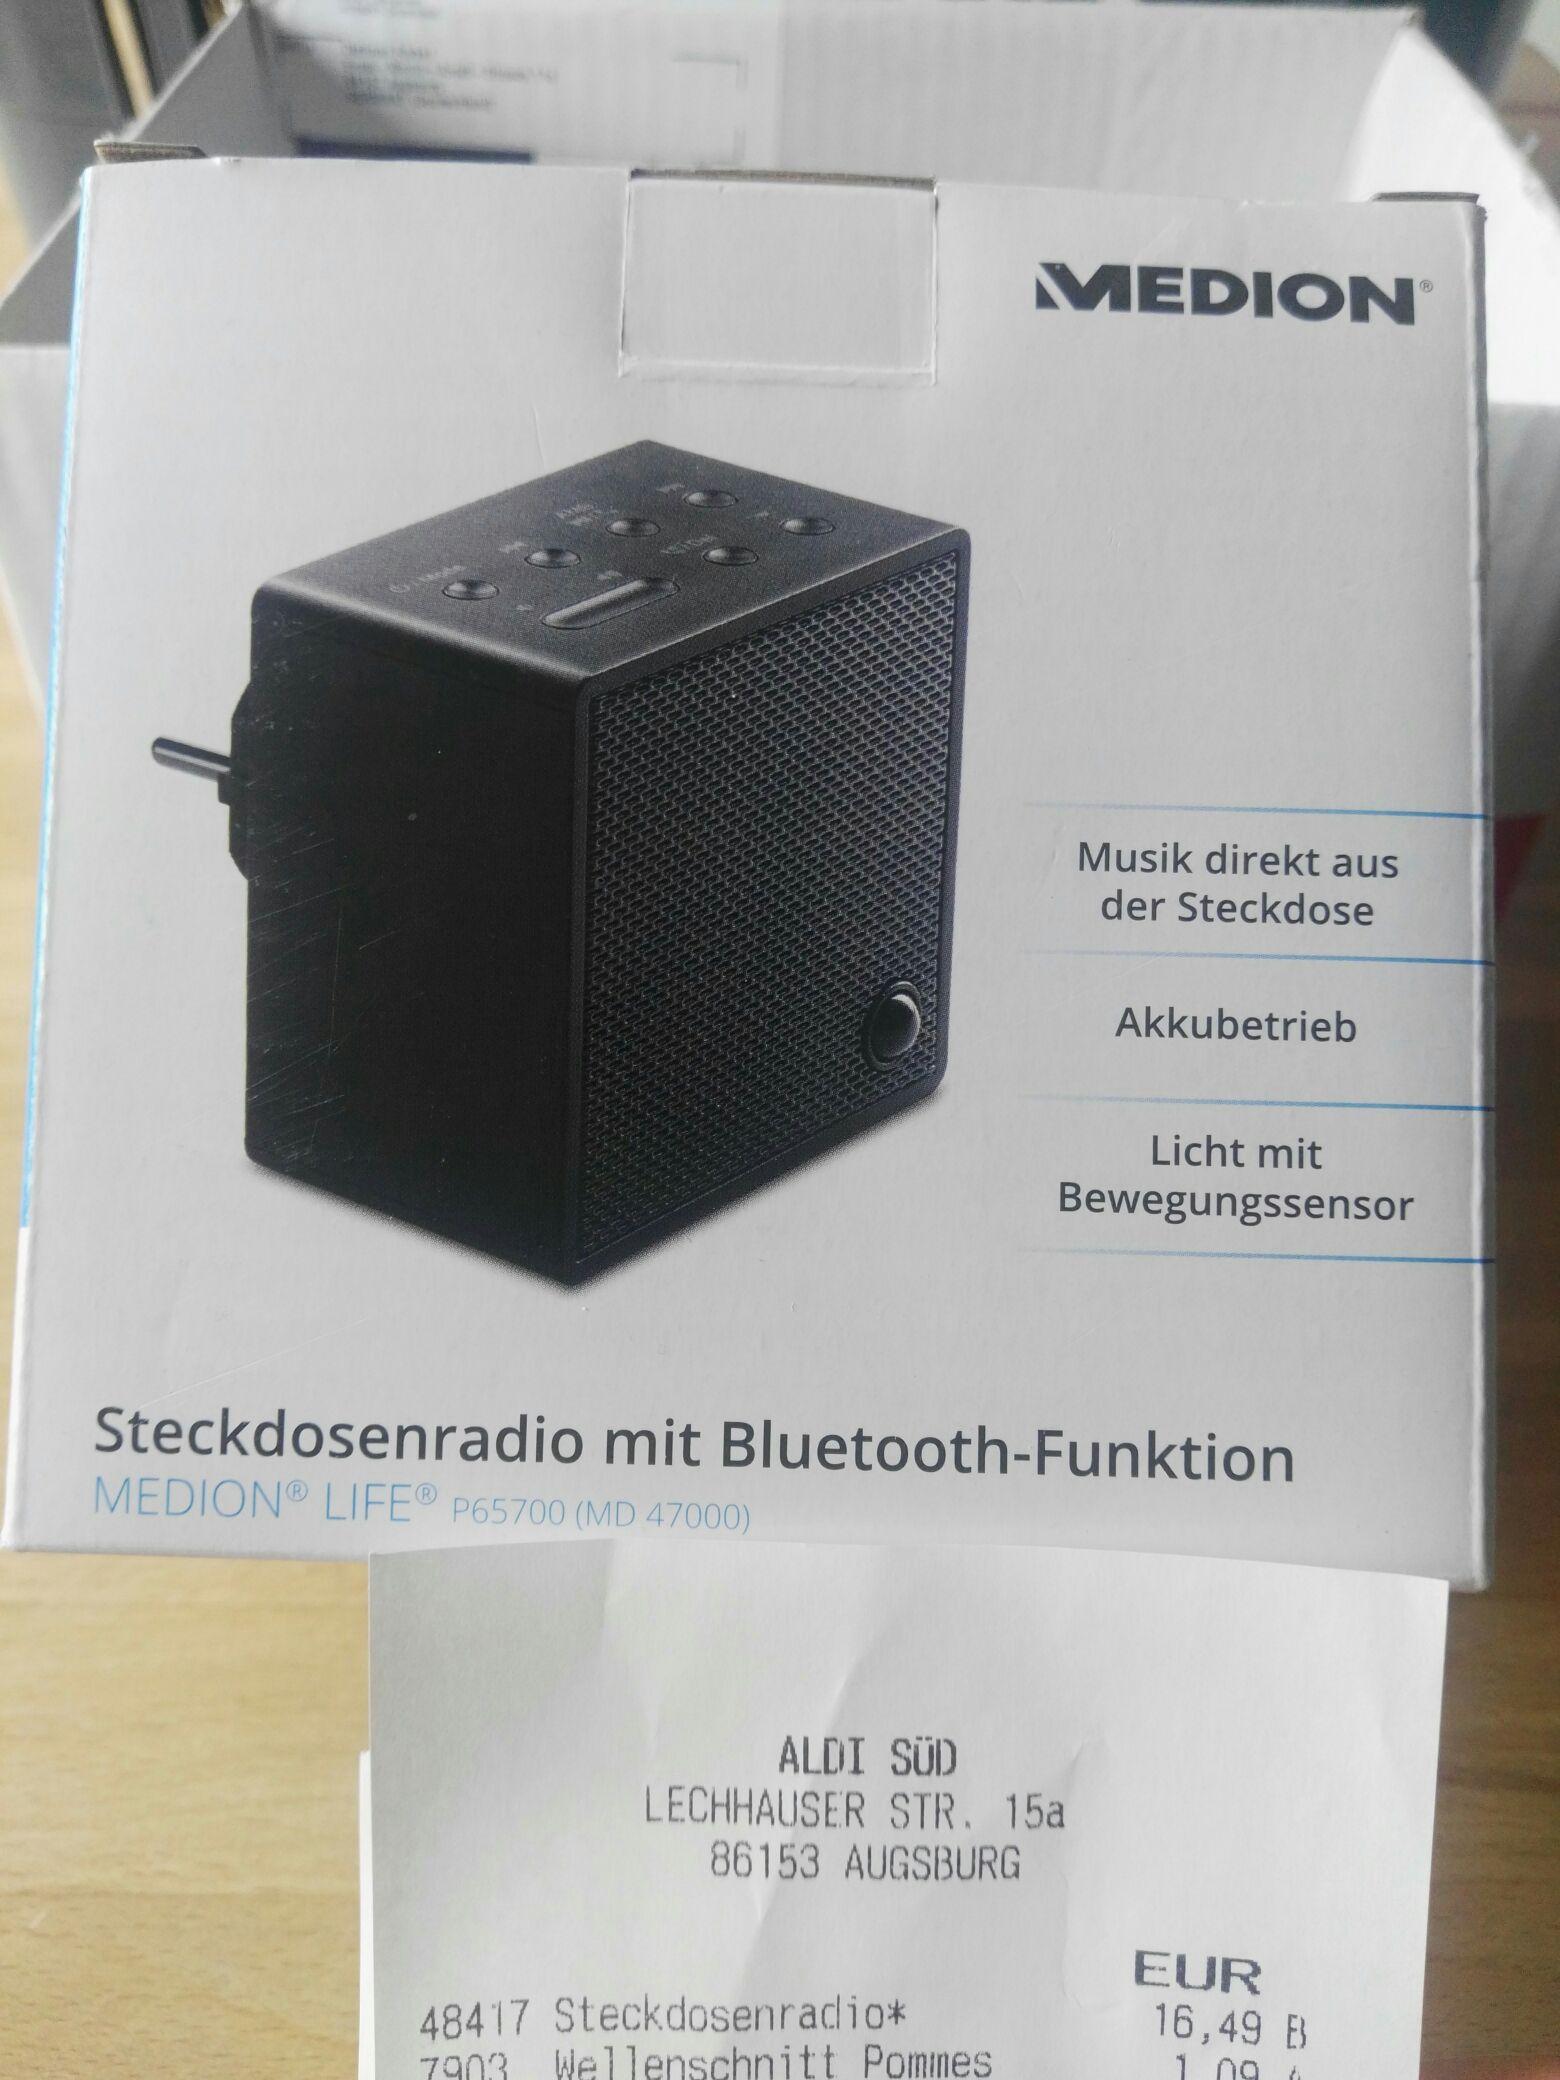 Lokal Augsburg. Medion Steckdosen Radio mit Bluetooth